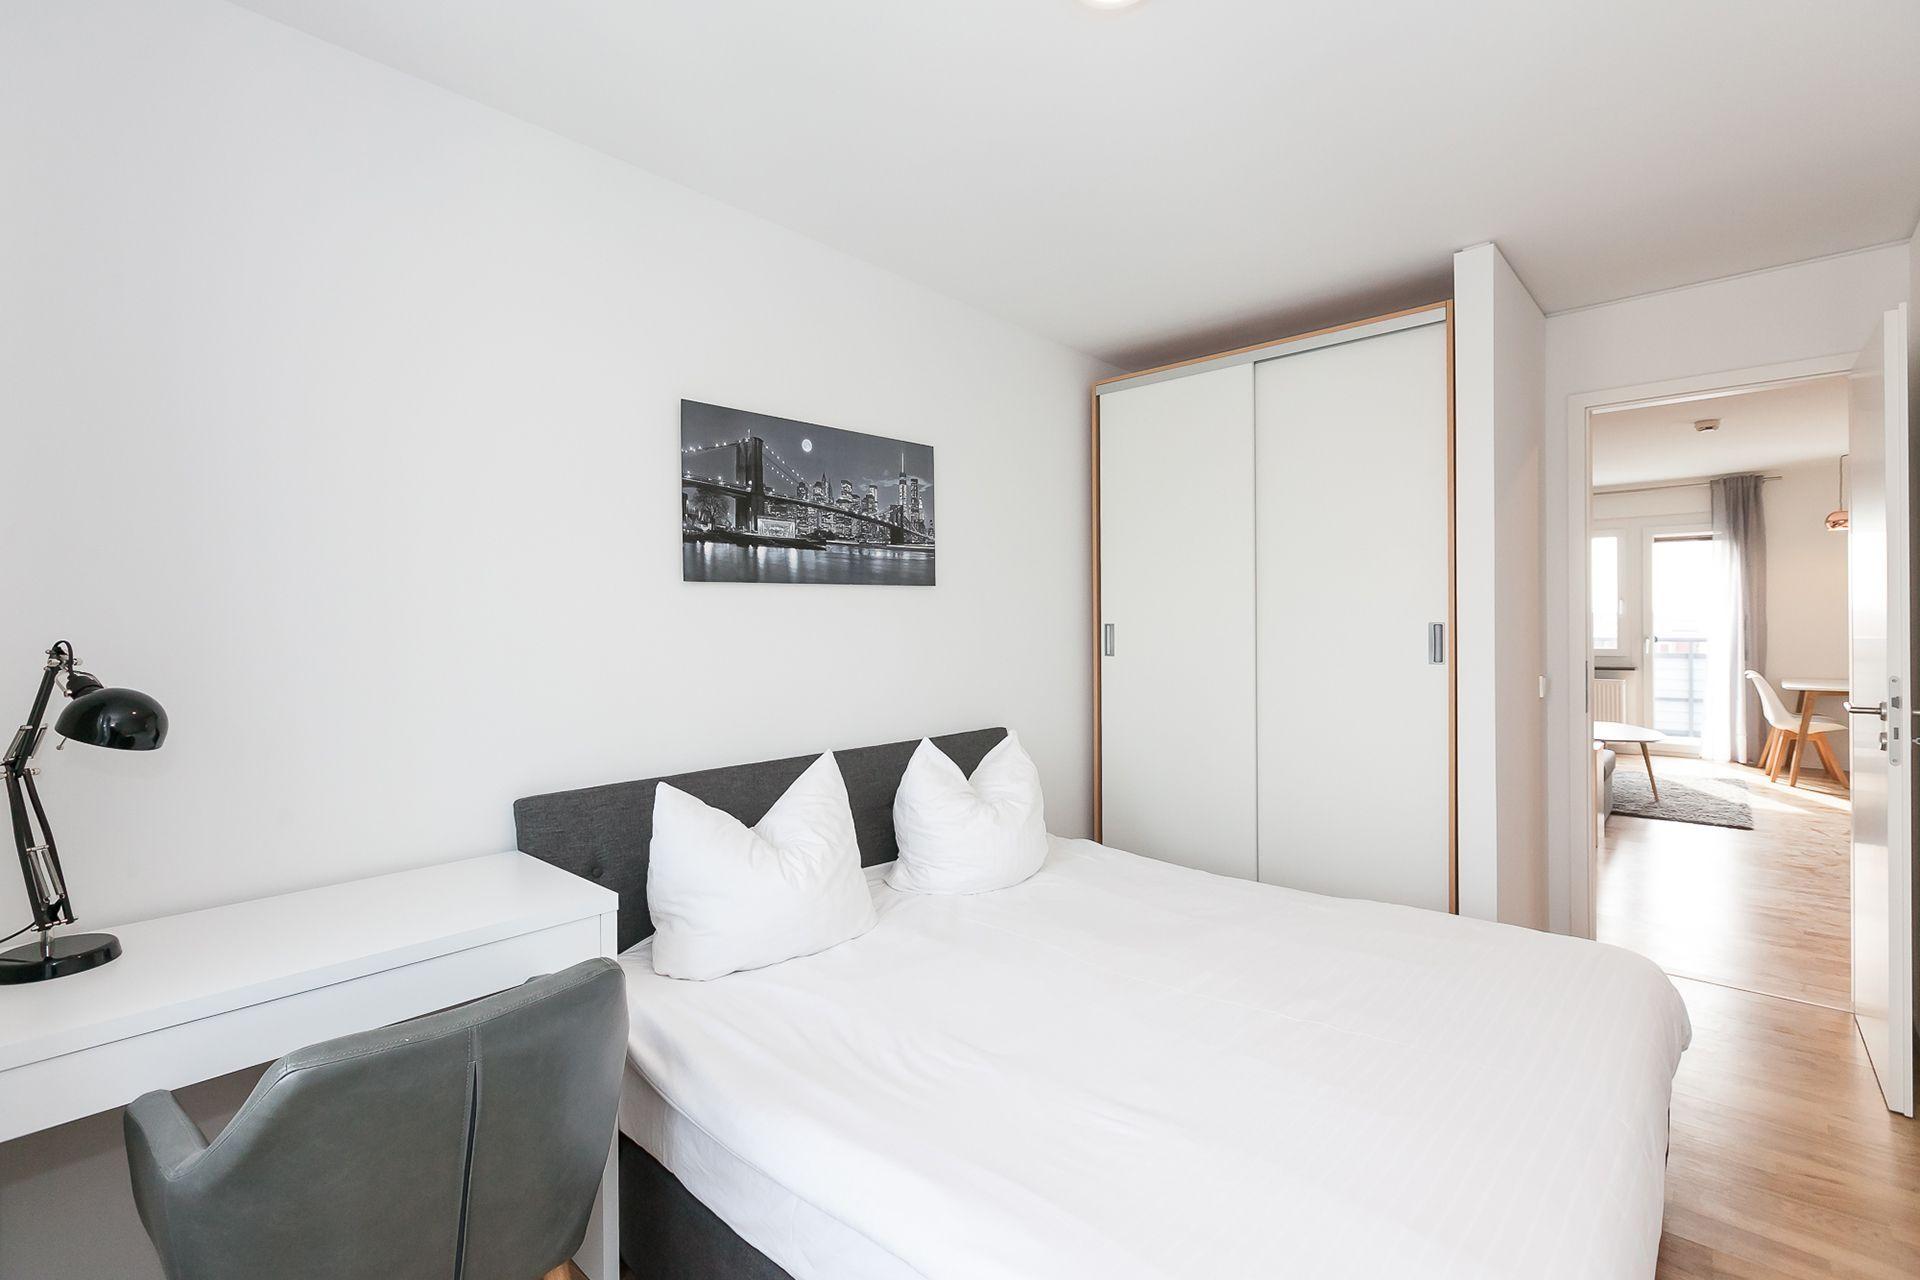 2 Bedroom - Medium